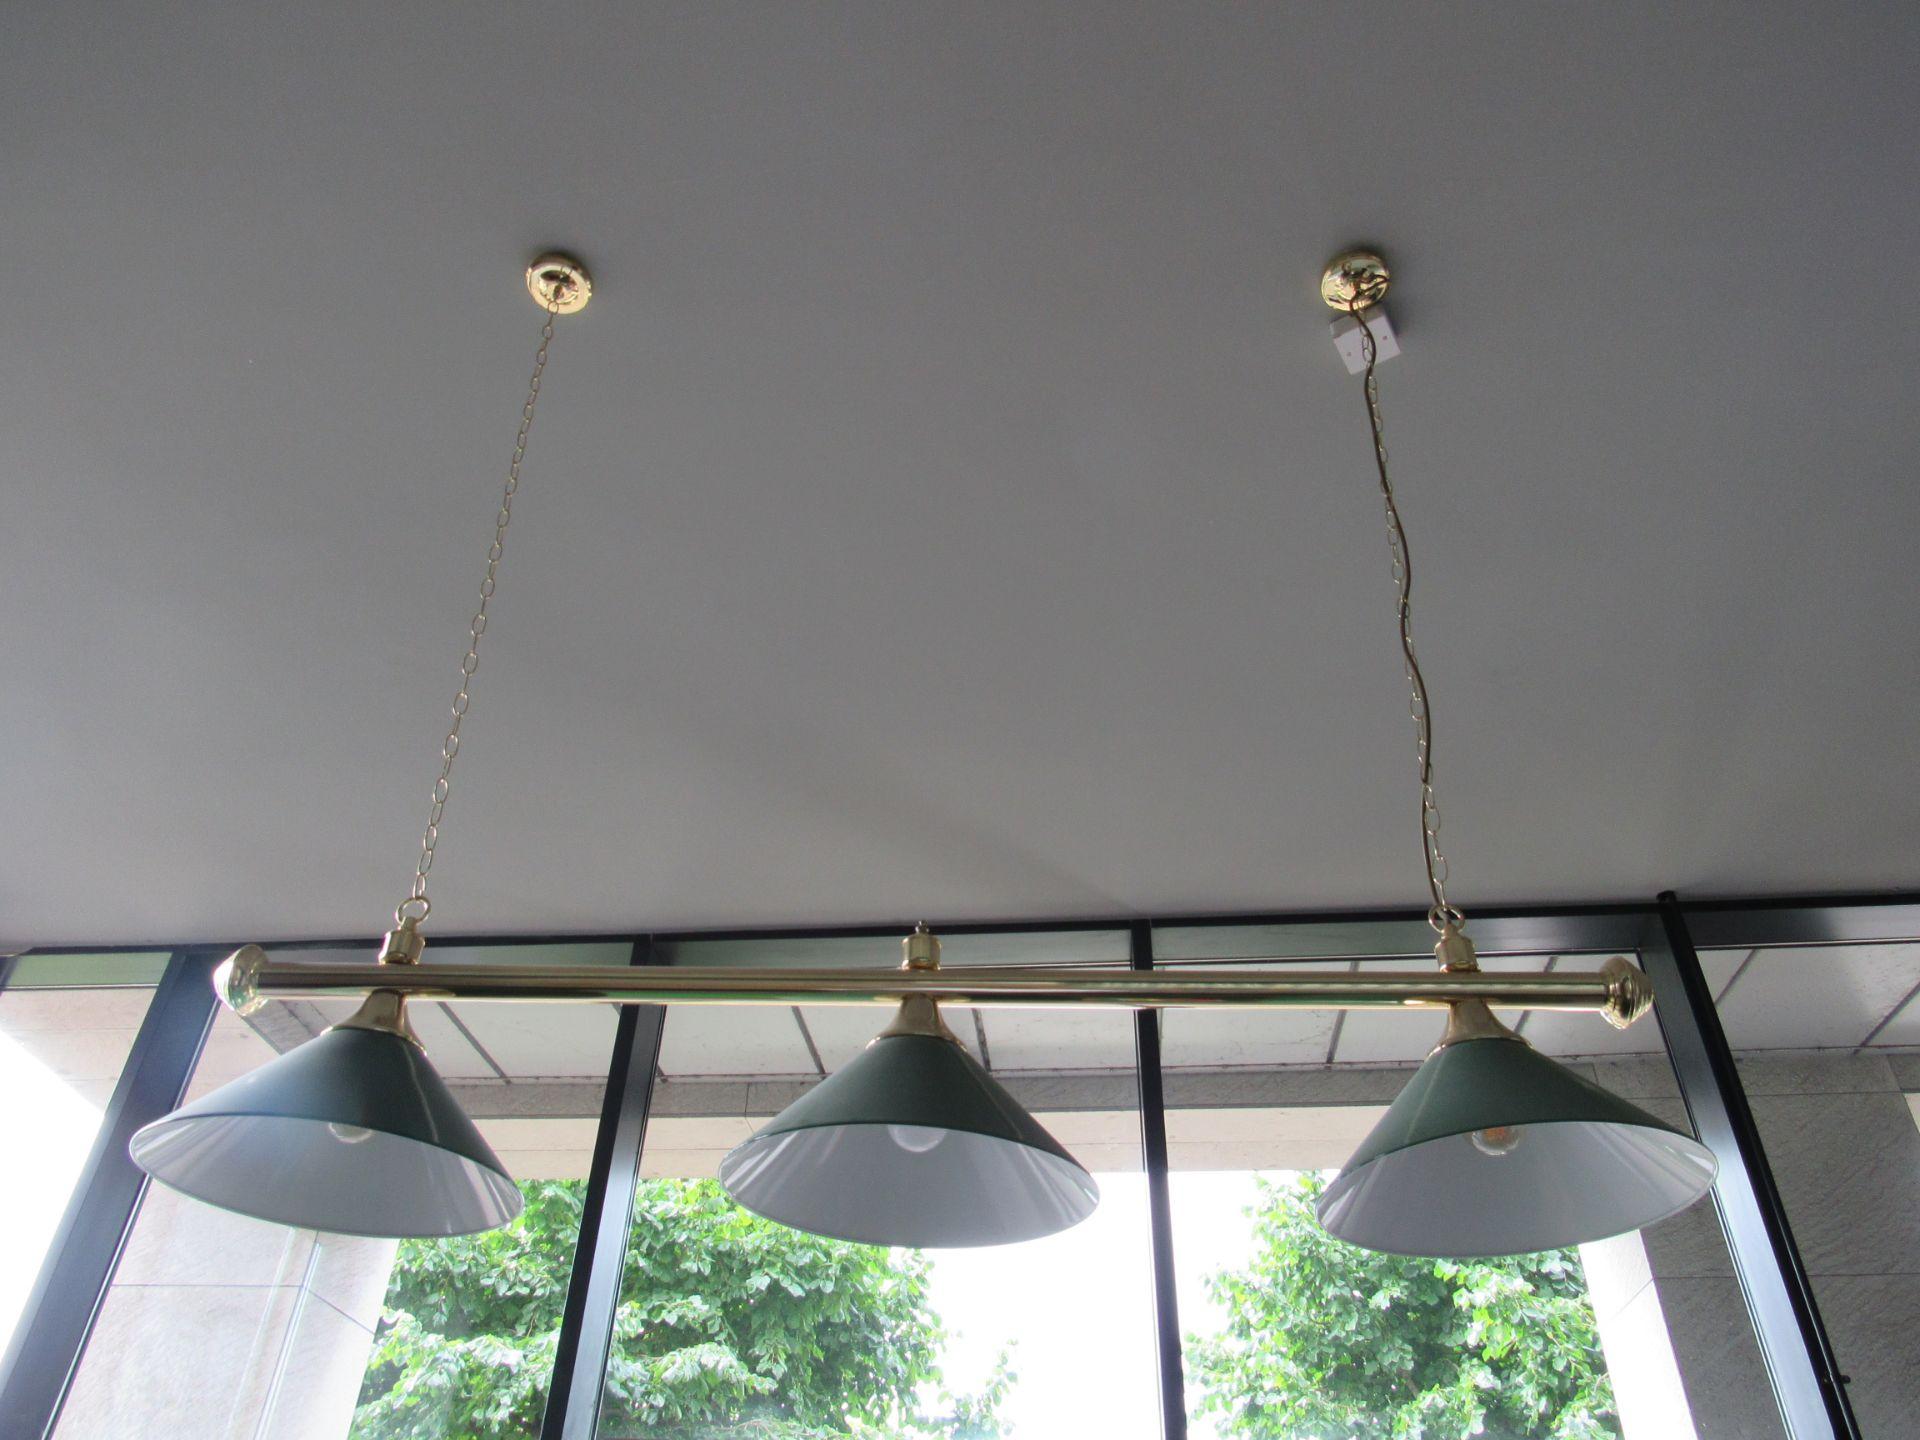 Pool Table Lighting Bar - Image 2 of 2